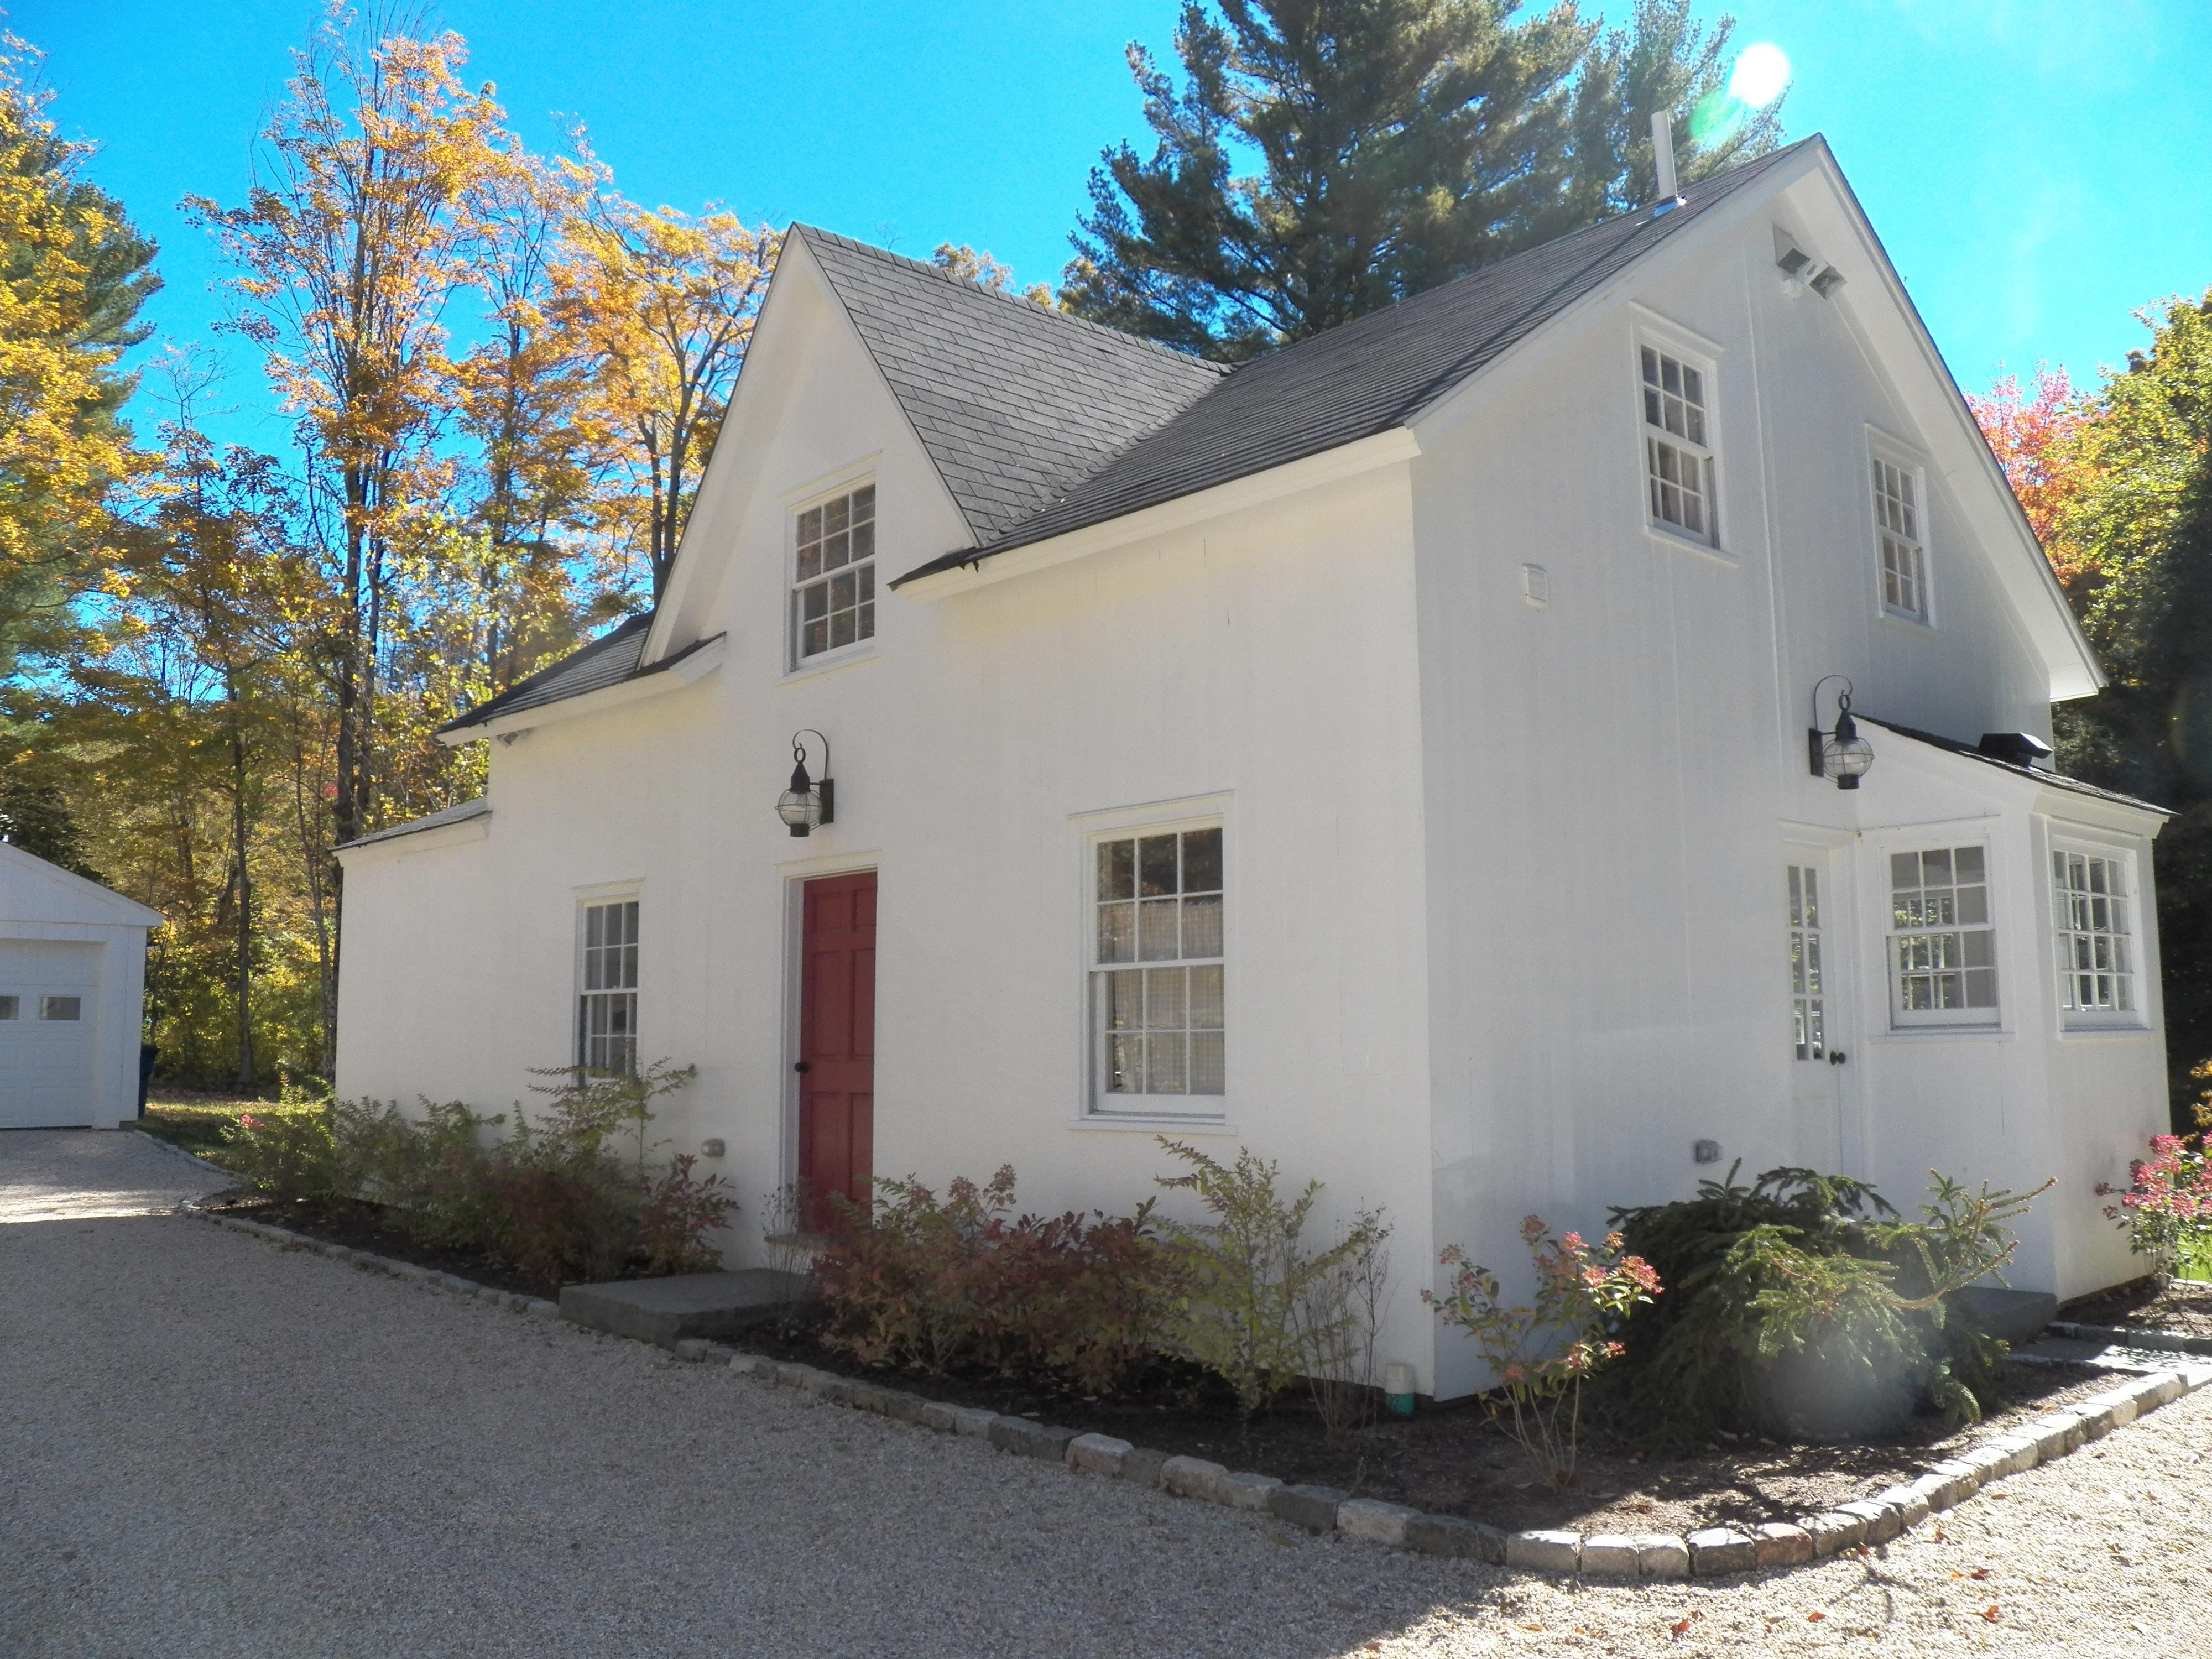 Casa Unifamiliar por un Venta en Cottage Off The Green 61 Wykeham Rd Washington, Connecticut, 06793 Estados Unidos